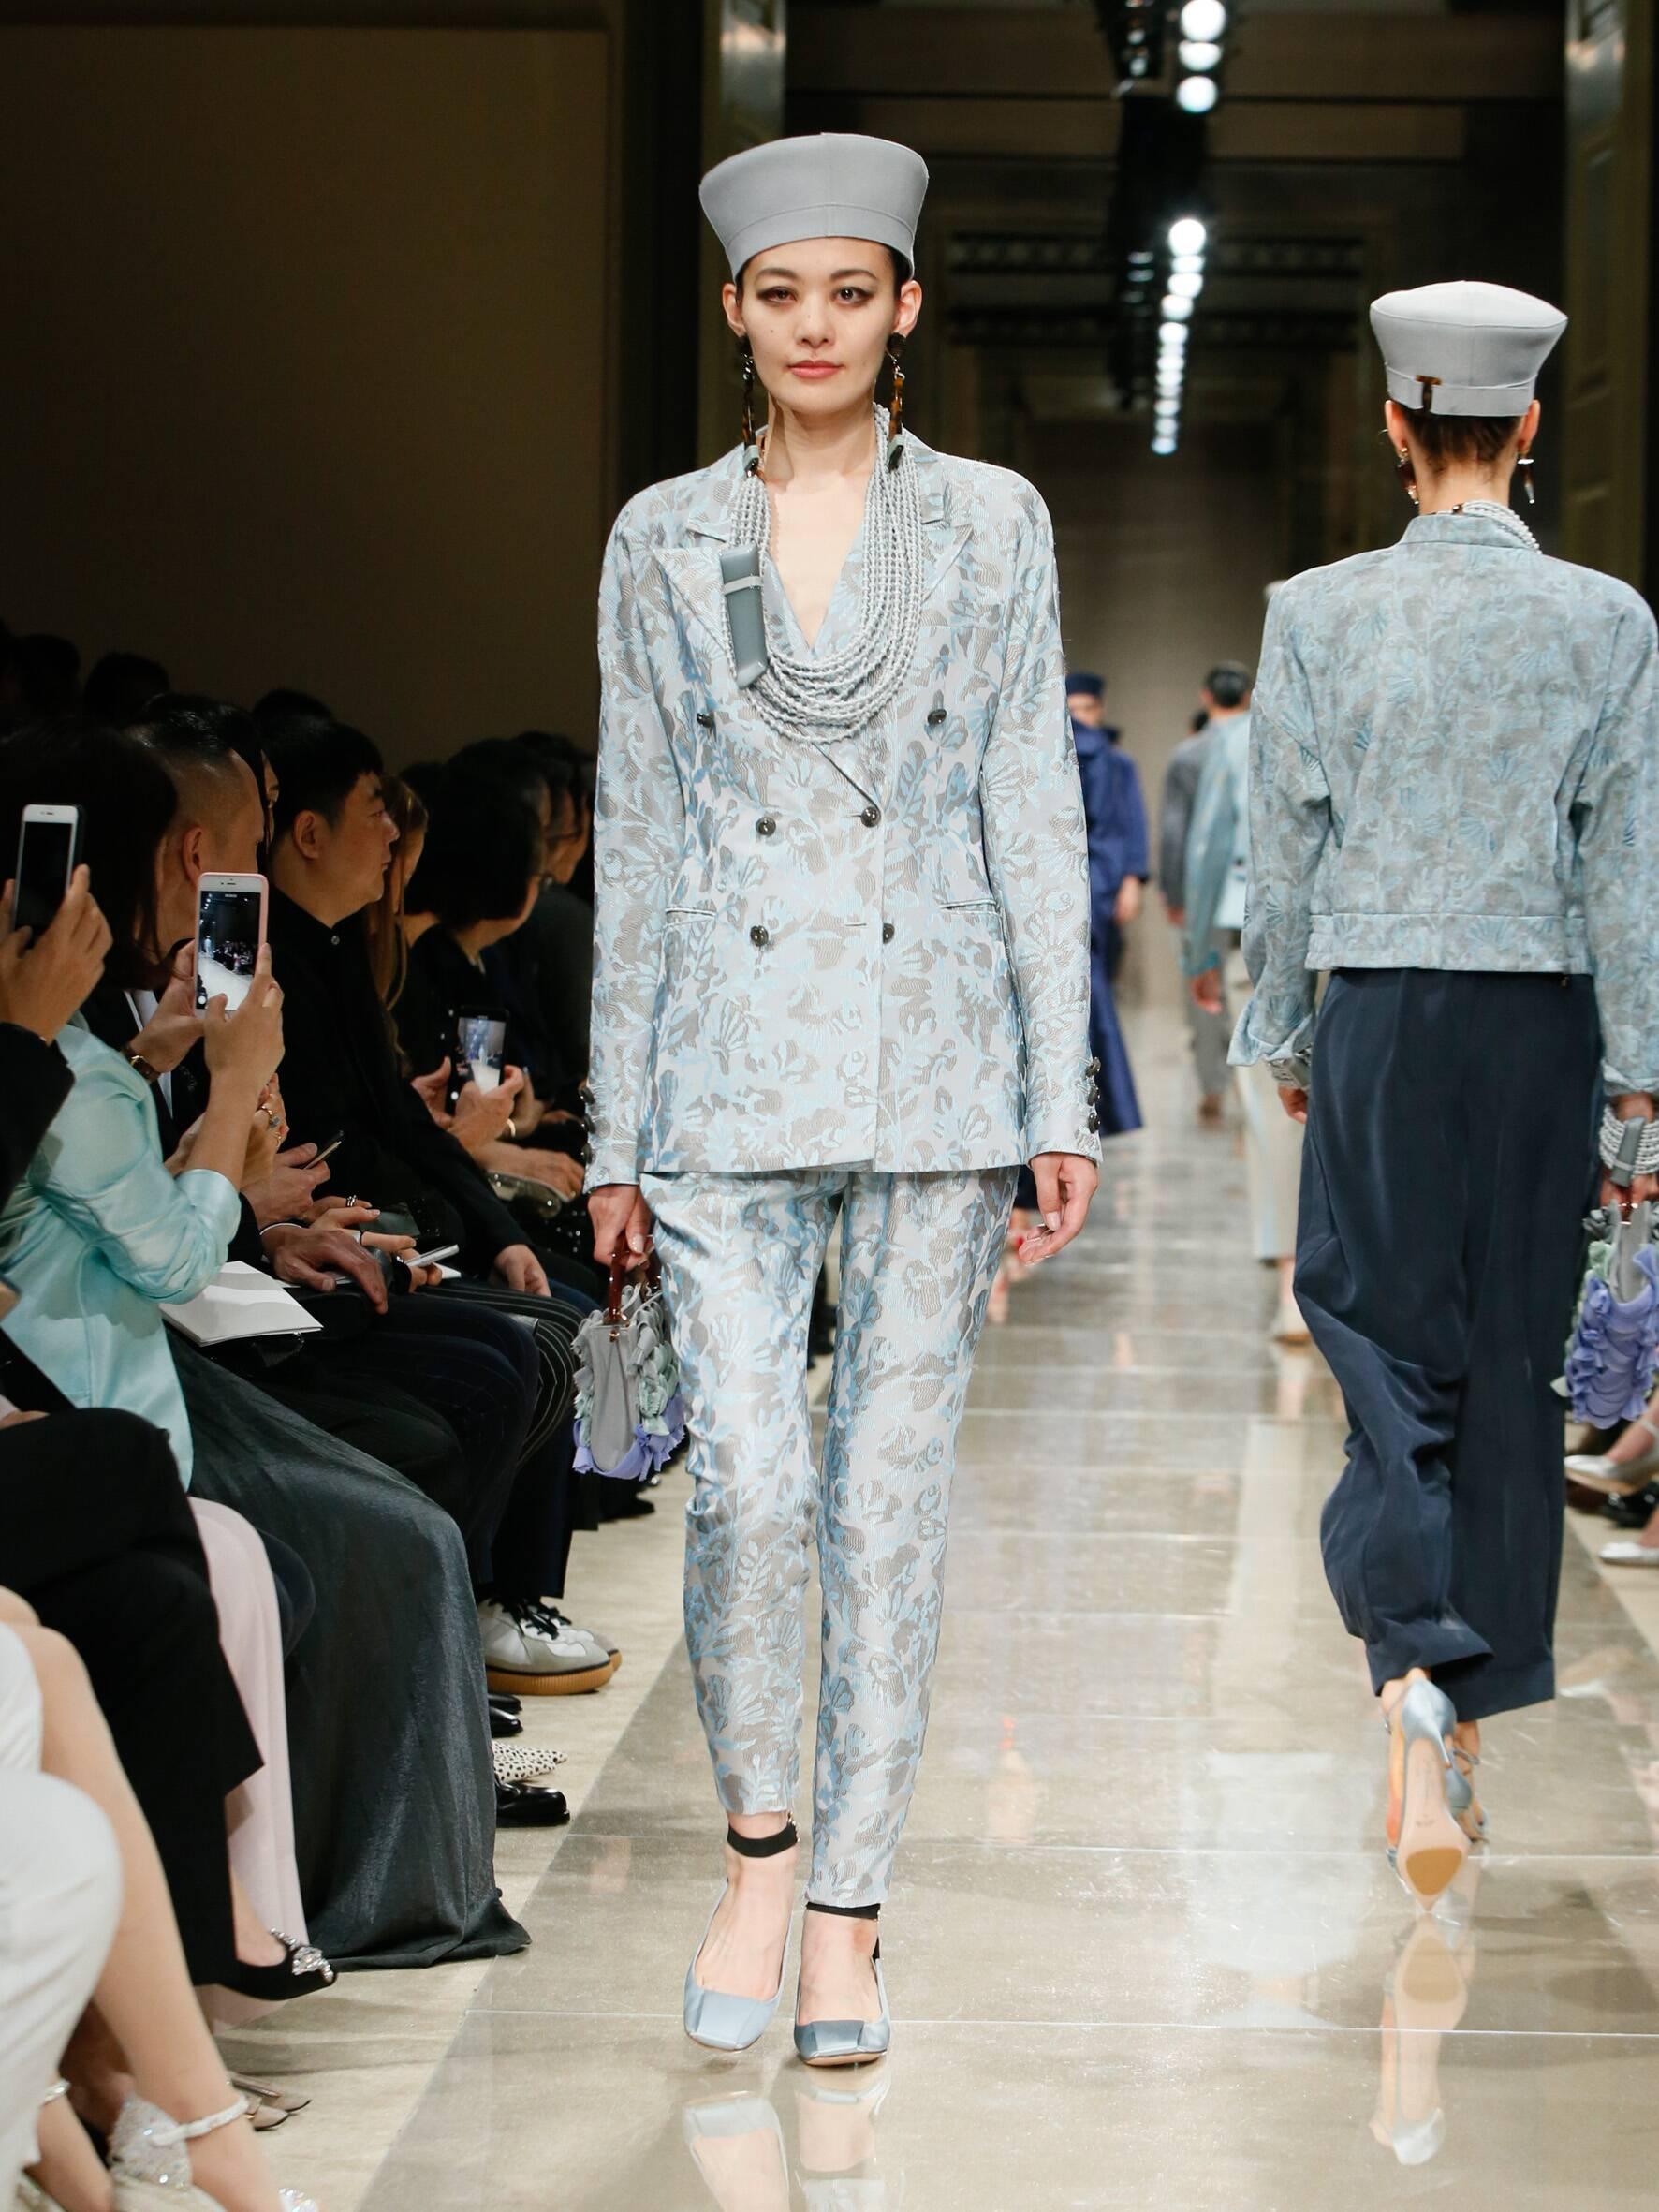 Giorgio Armani Cruise 2020 Collection Look 88 Tokyo